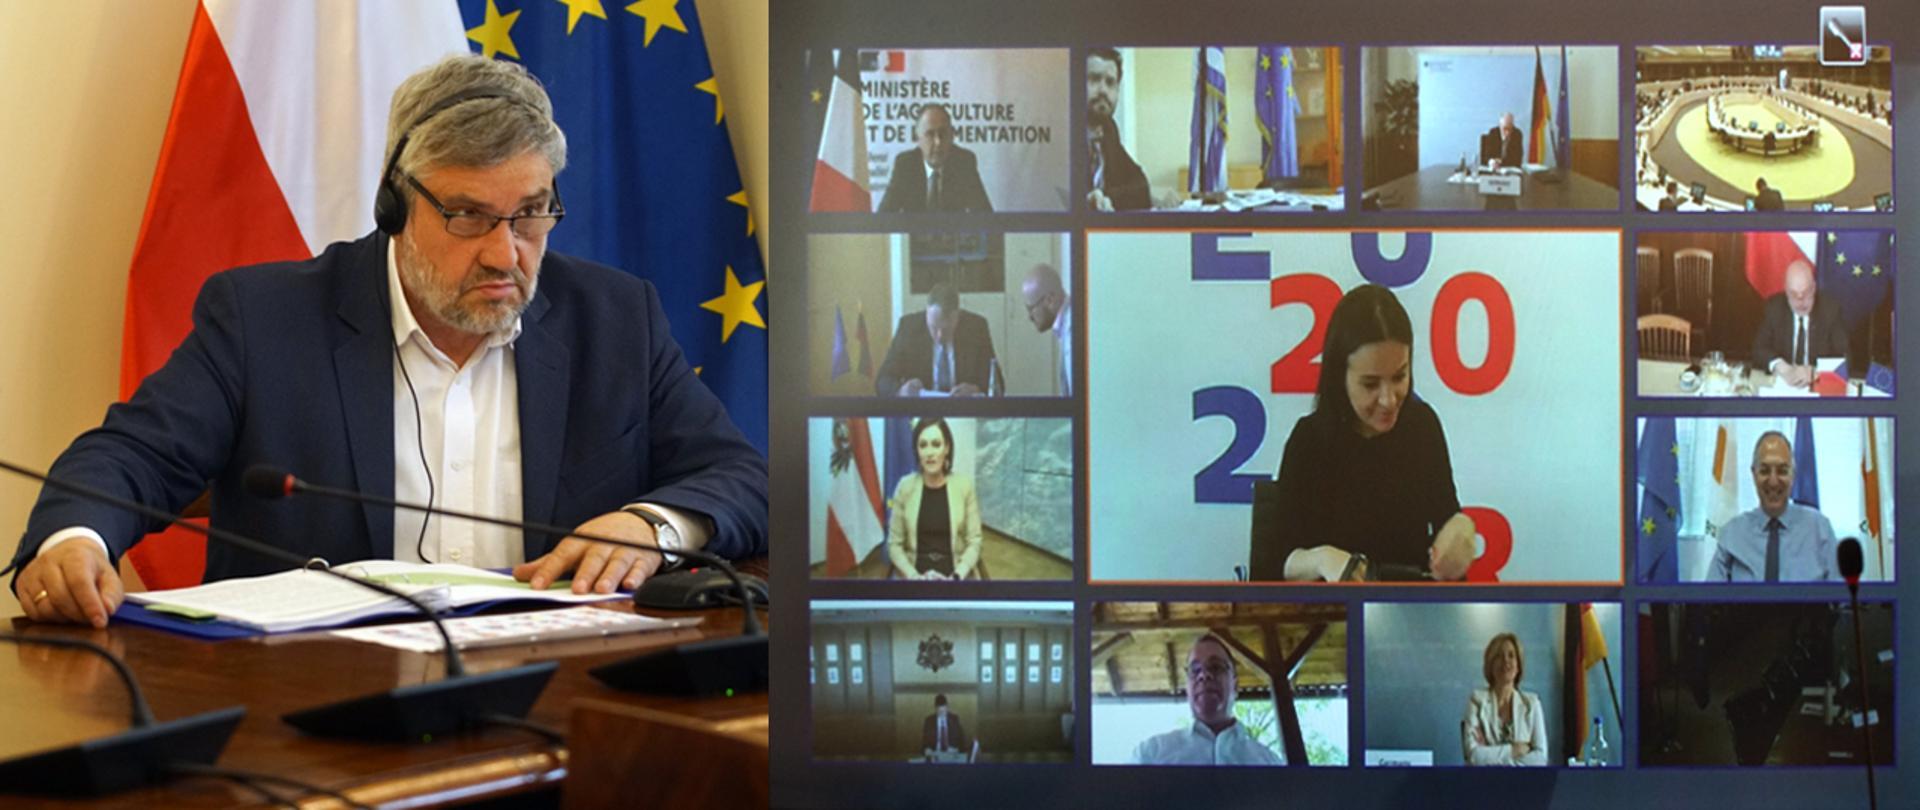 Europejski Zielony Ład a budżet na WPR